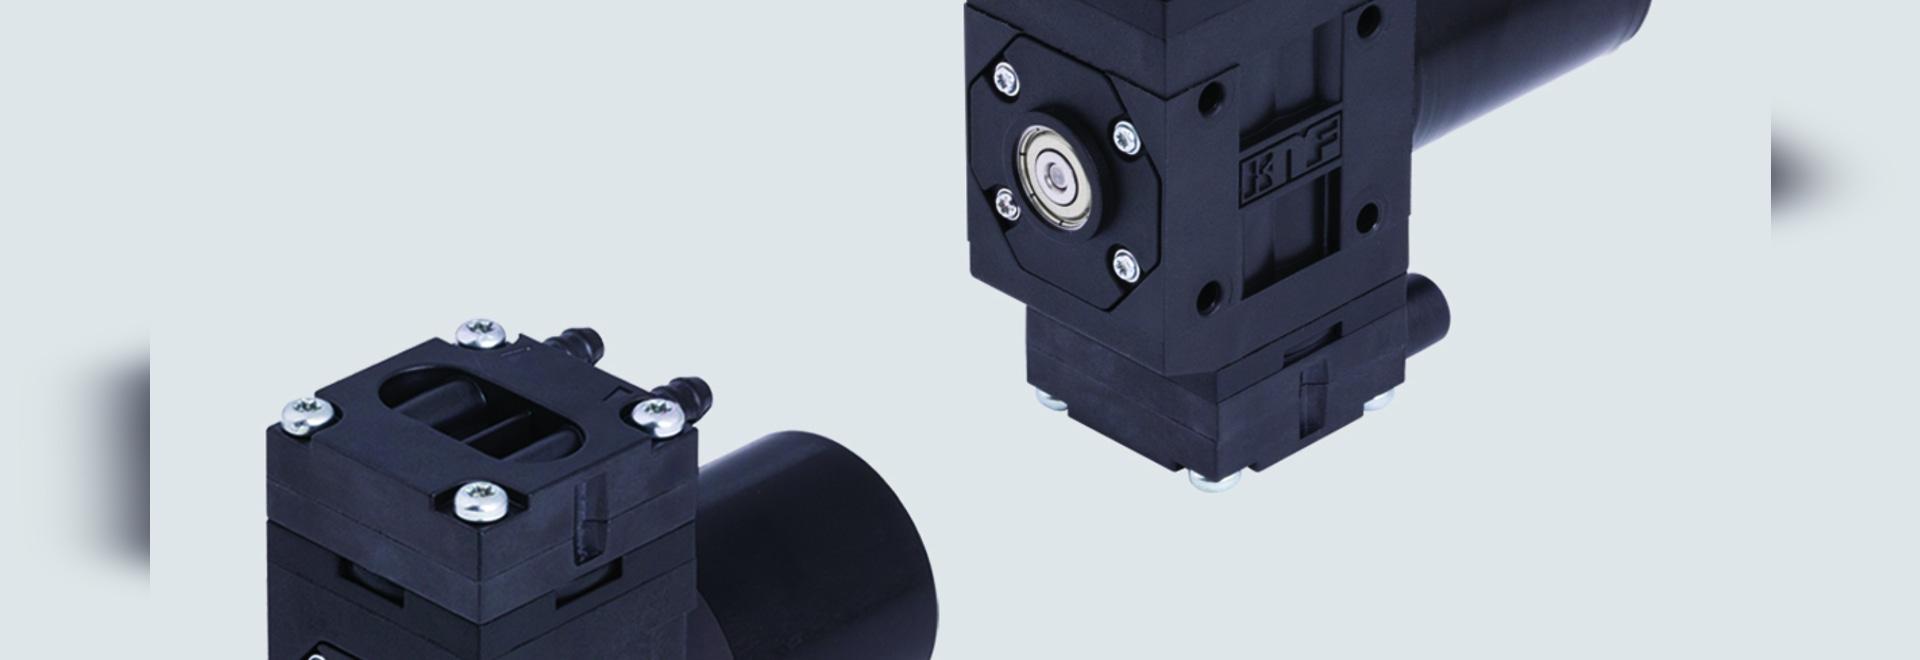 La pompe à gaz vient dans la dimension compacte